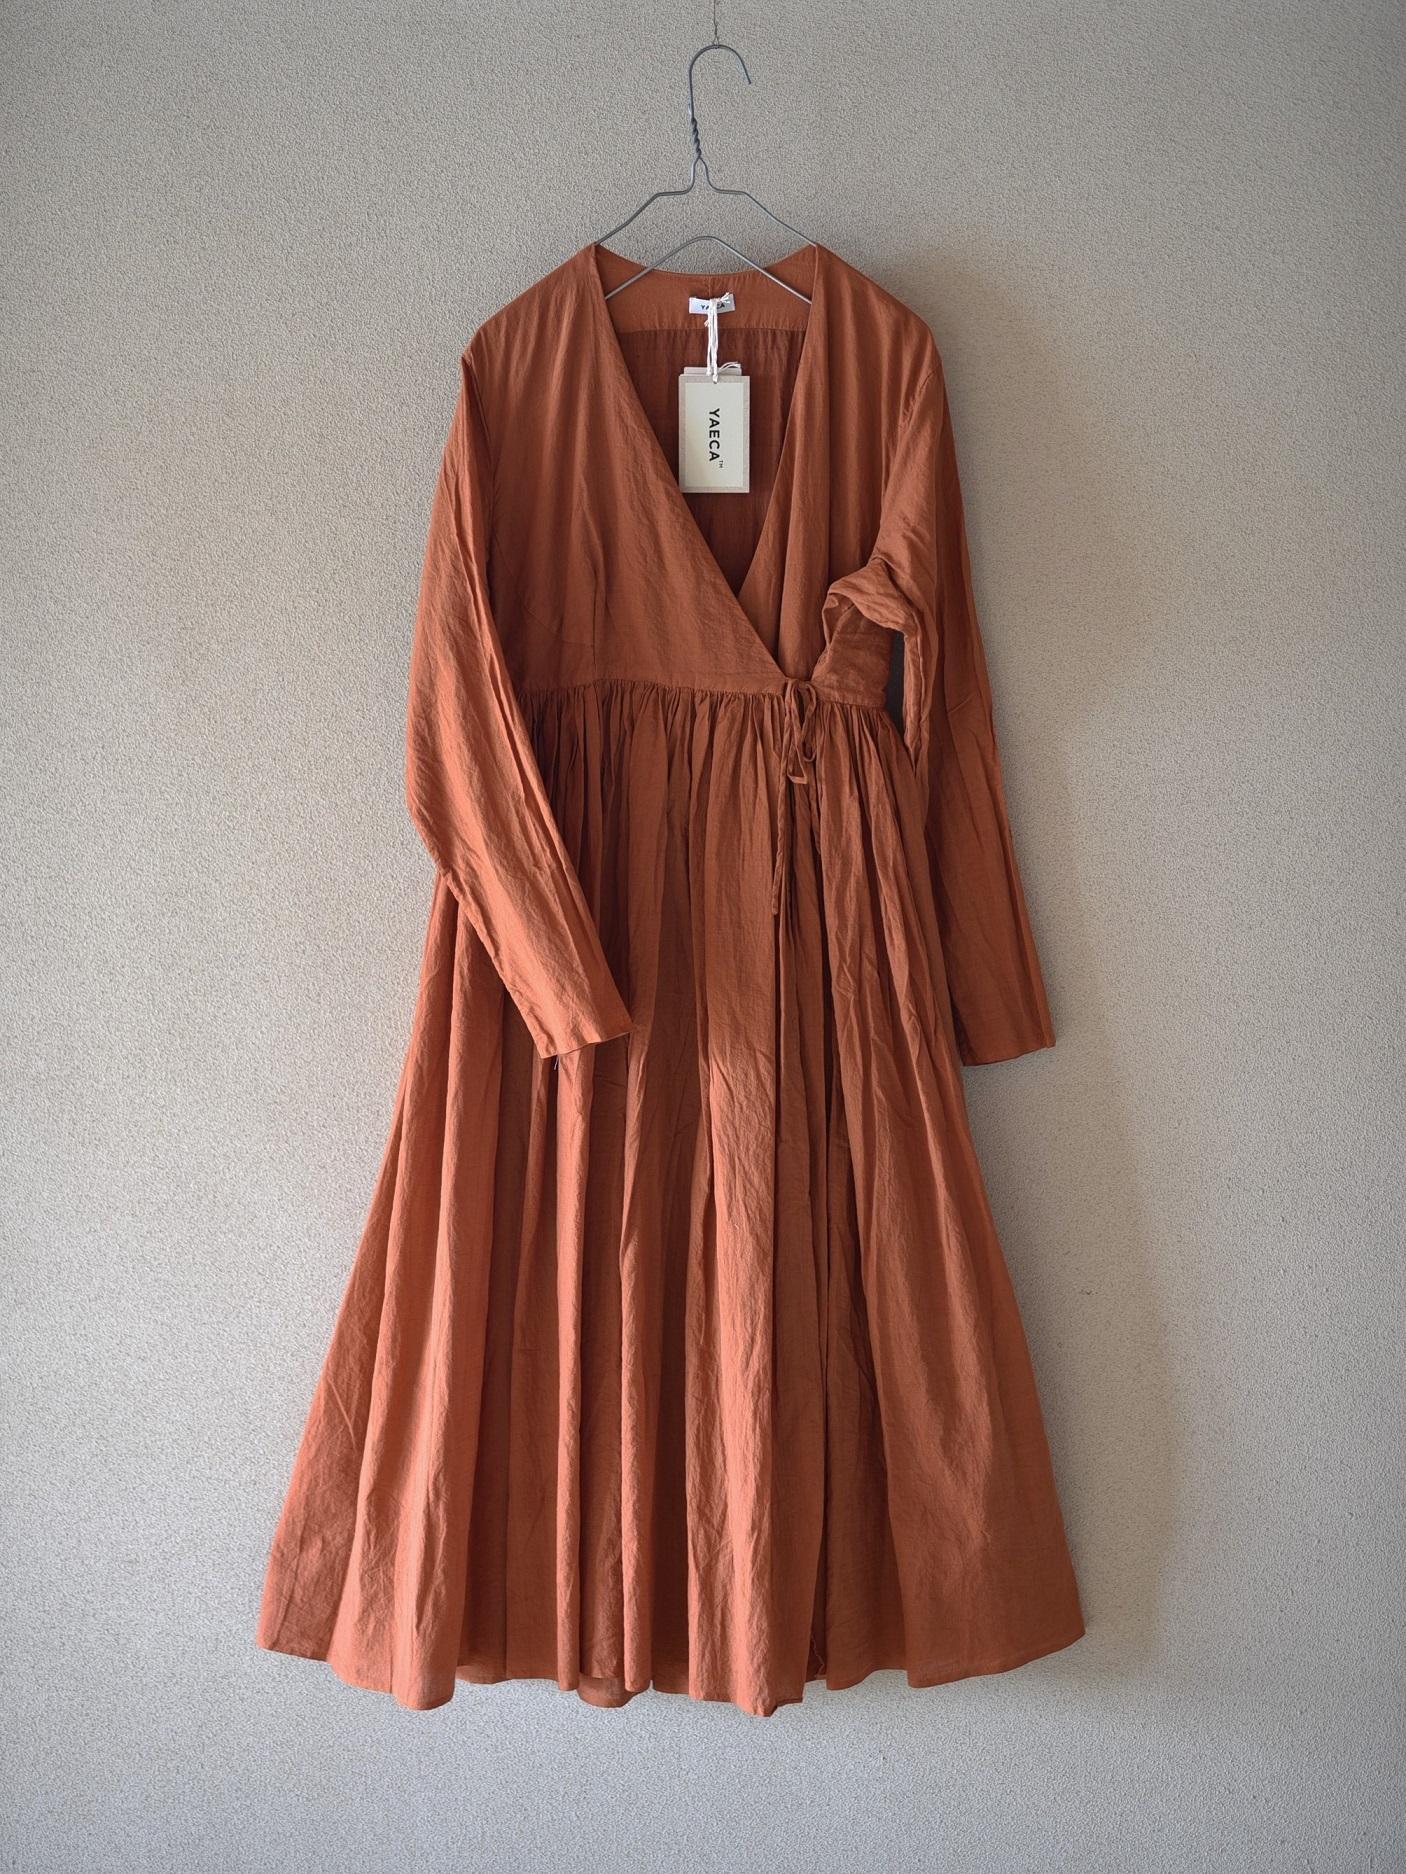 YAECA khadi |ラップギャザードレス Cinnamon